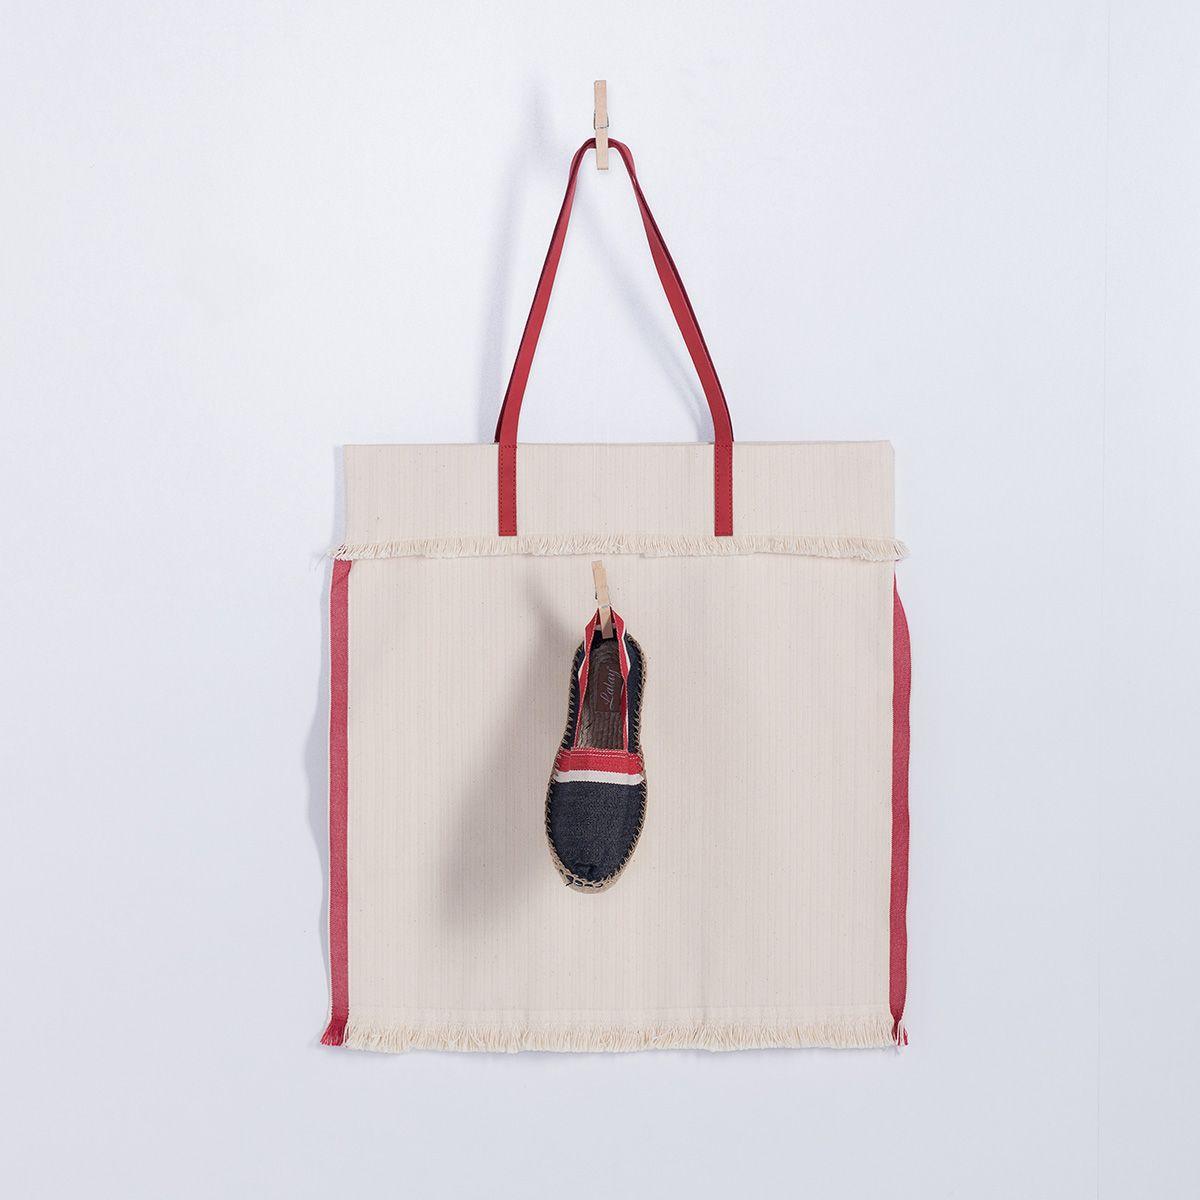 Çanta - Mars / Kırmızı Çizgili ve Saplı